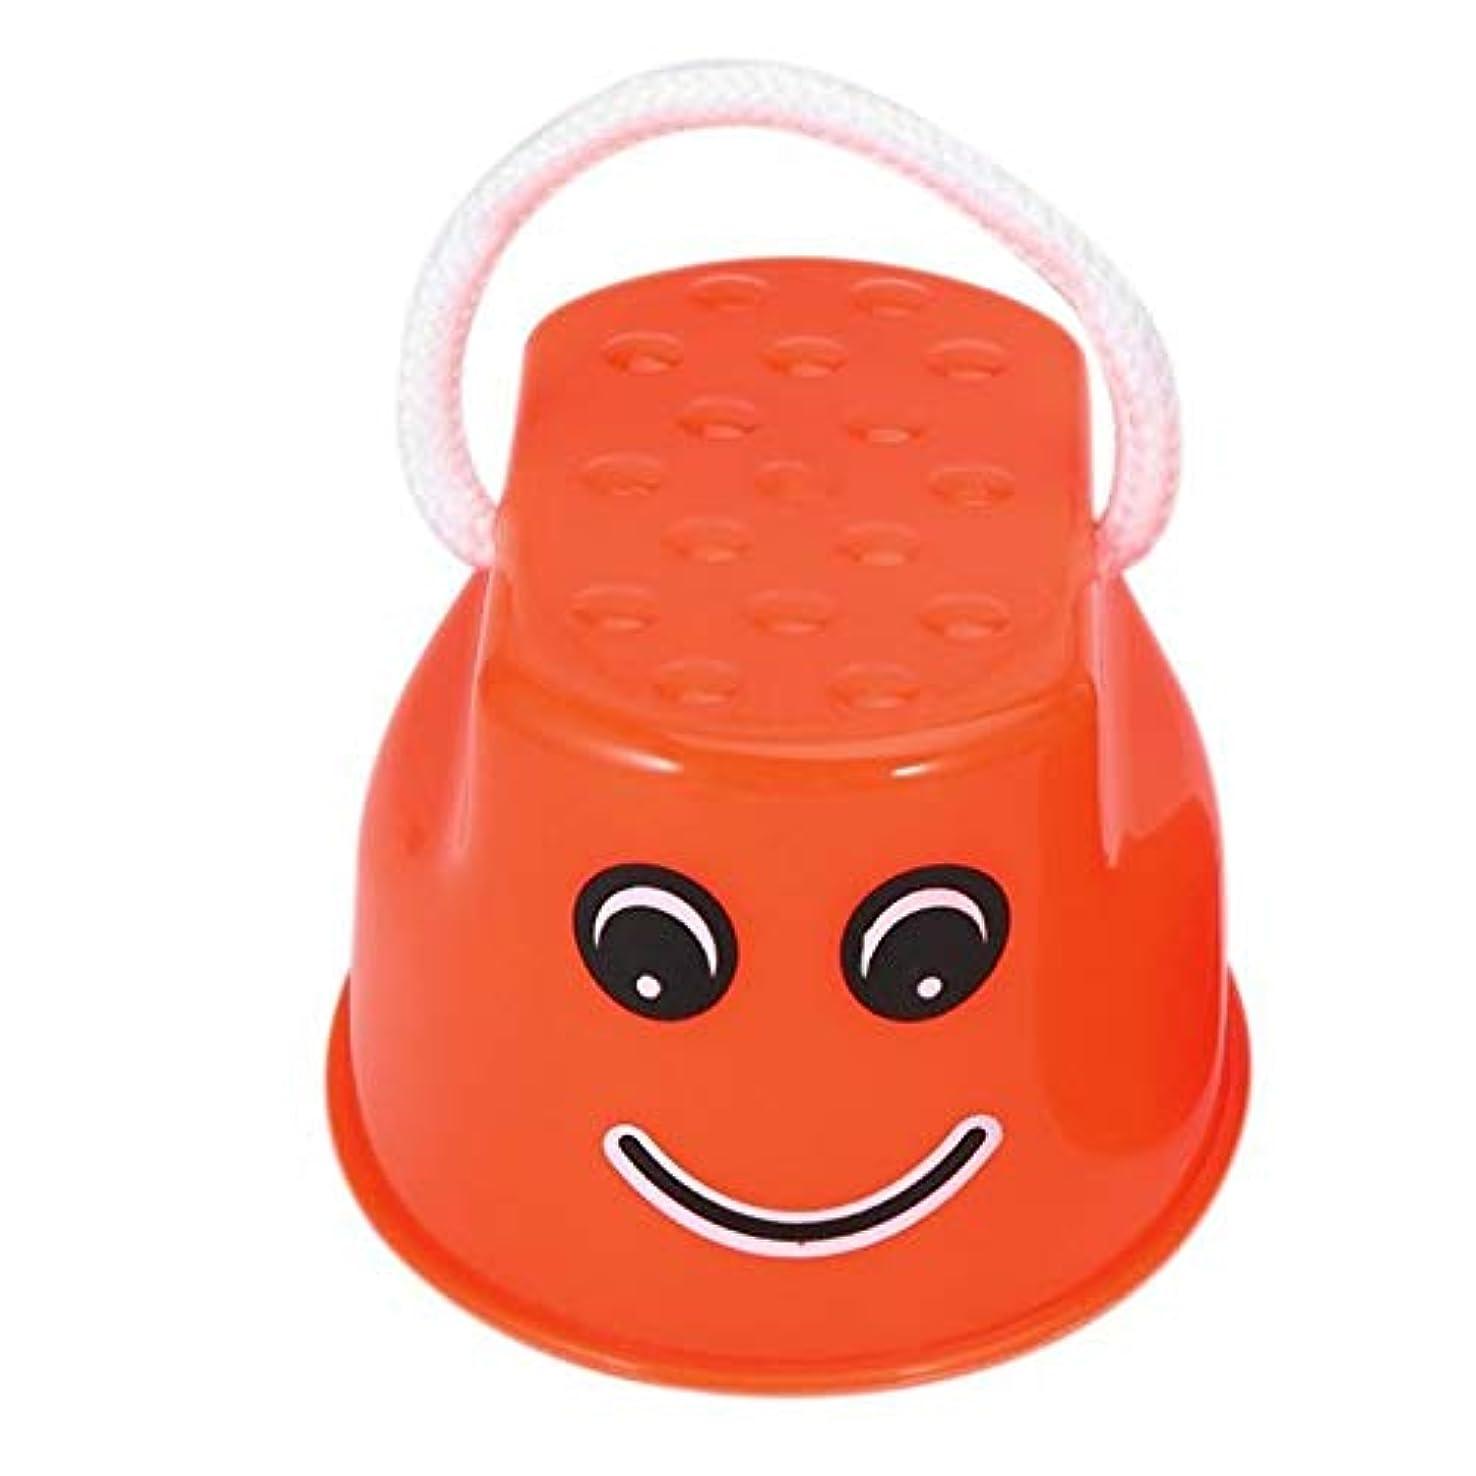 食い違い開梱であることおかしいプラスチック子供キッズ屋外楽しいウォーク高床式ジャンプ笑顔顔パターンスポーツバランストレーニング玩具最高の贈り物